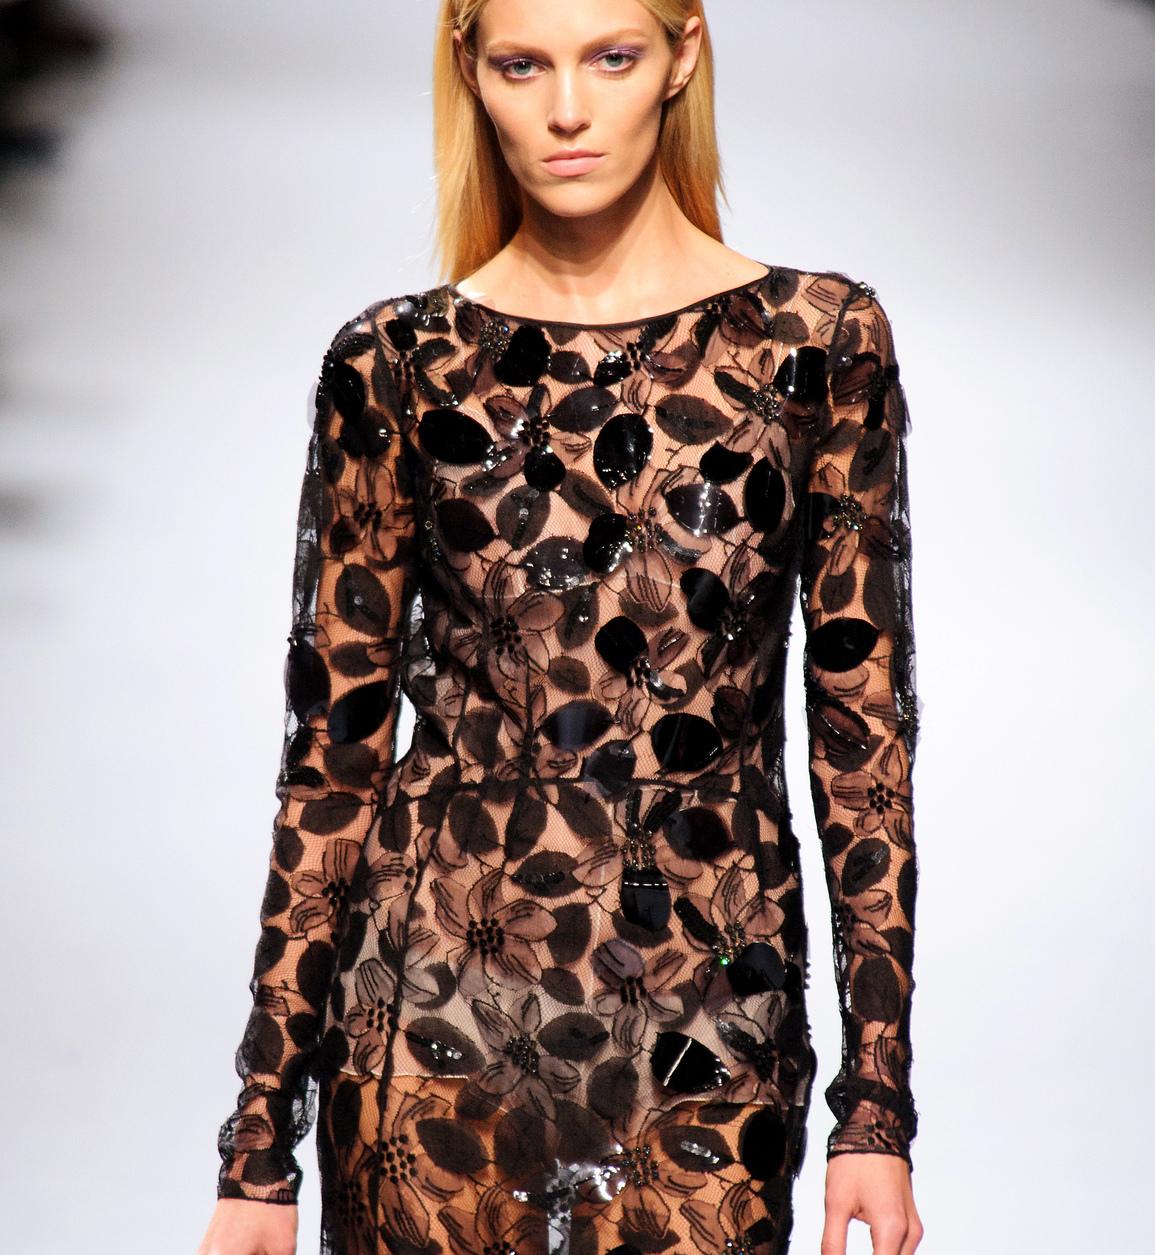 050d1c3153 Sukienki na sylwestra 2015 - Elle.pl - trendy wiosna lato 2019  moda ...